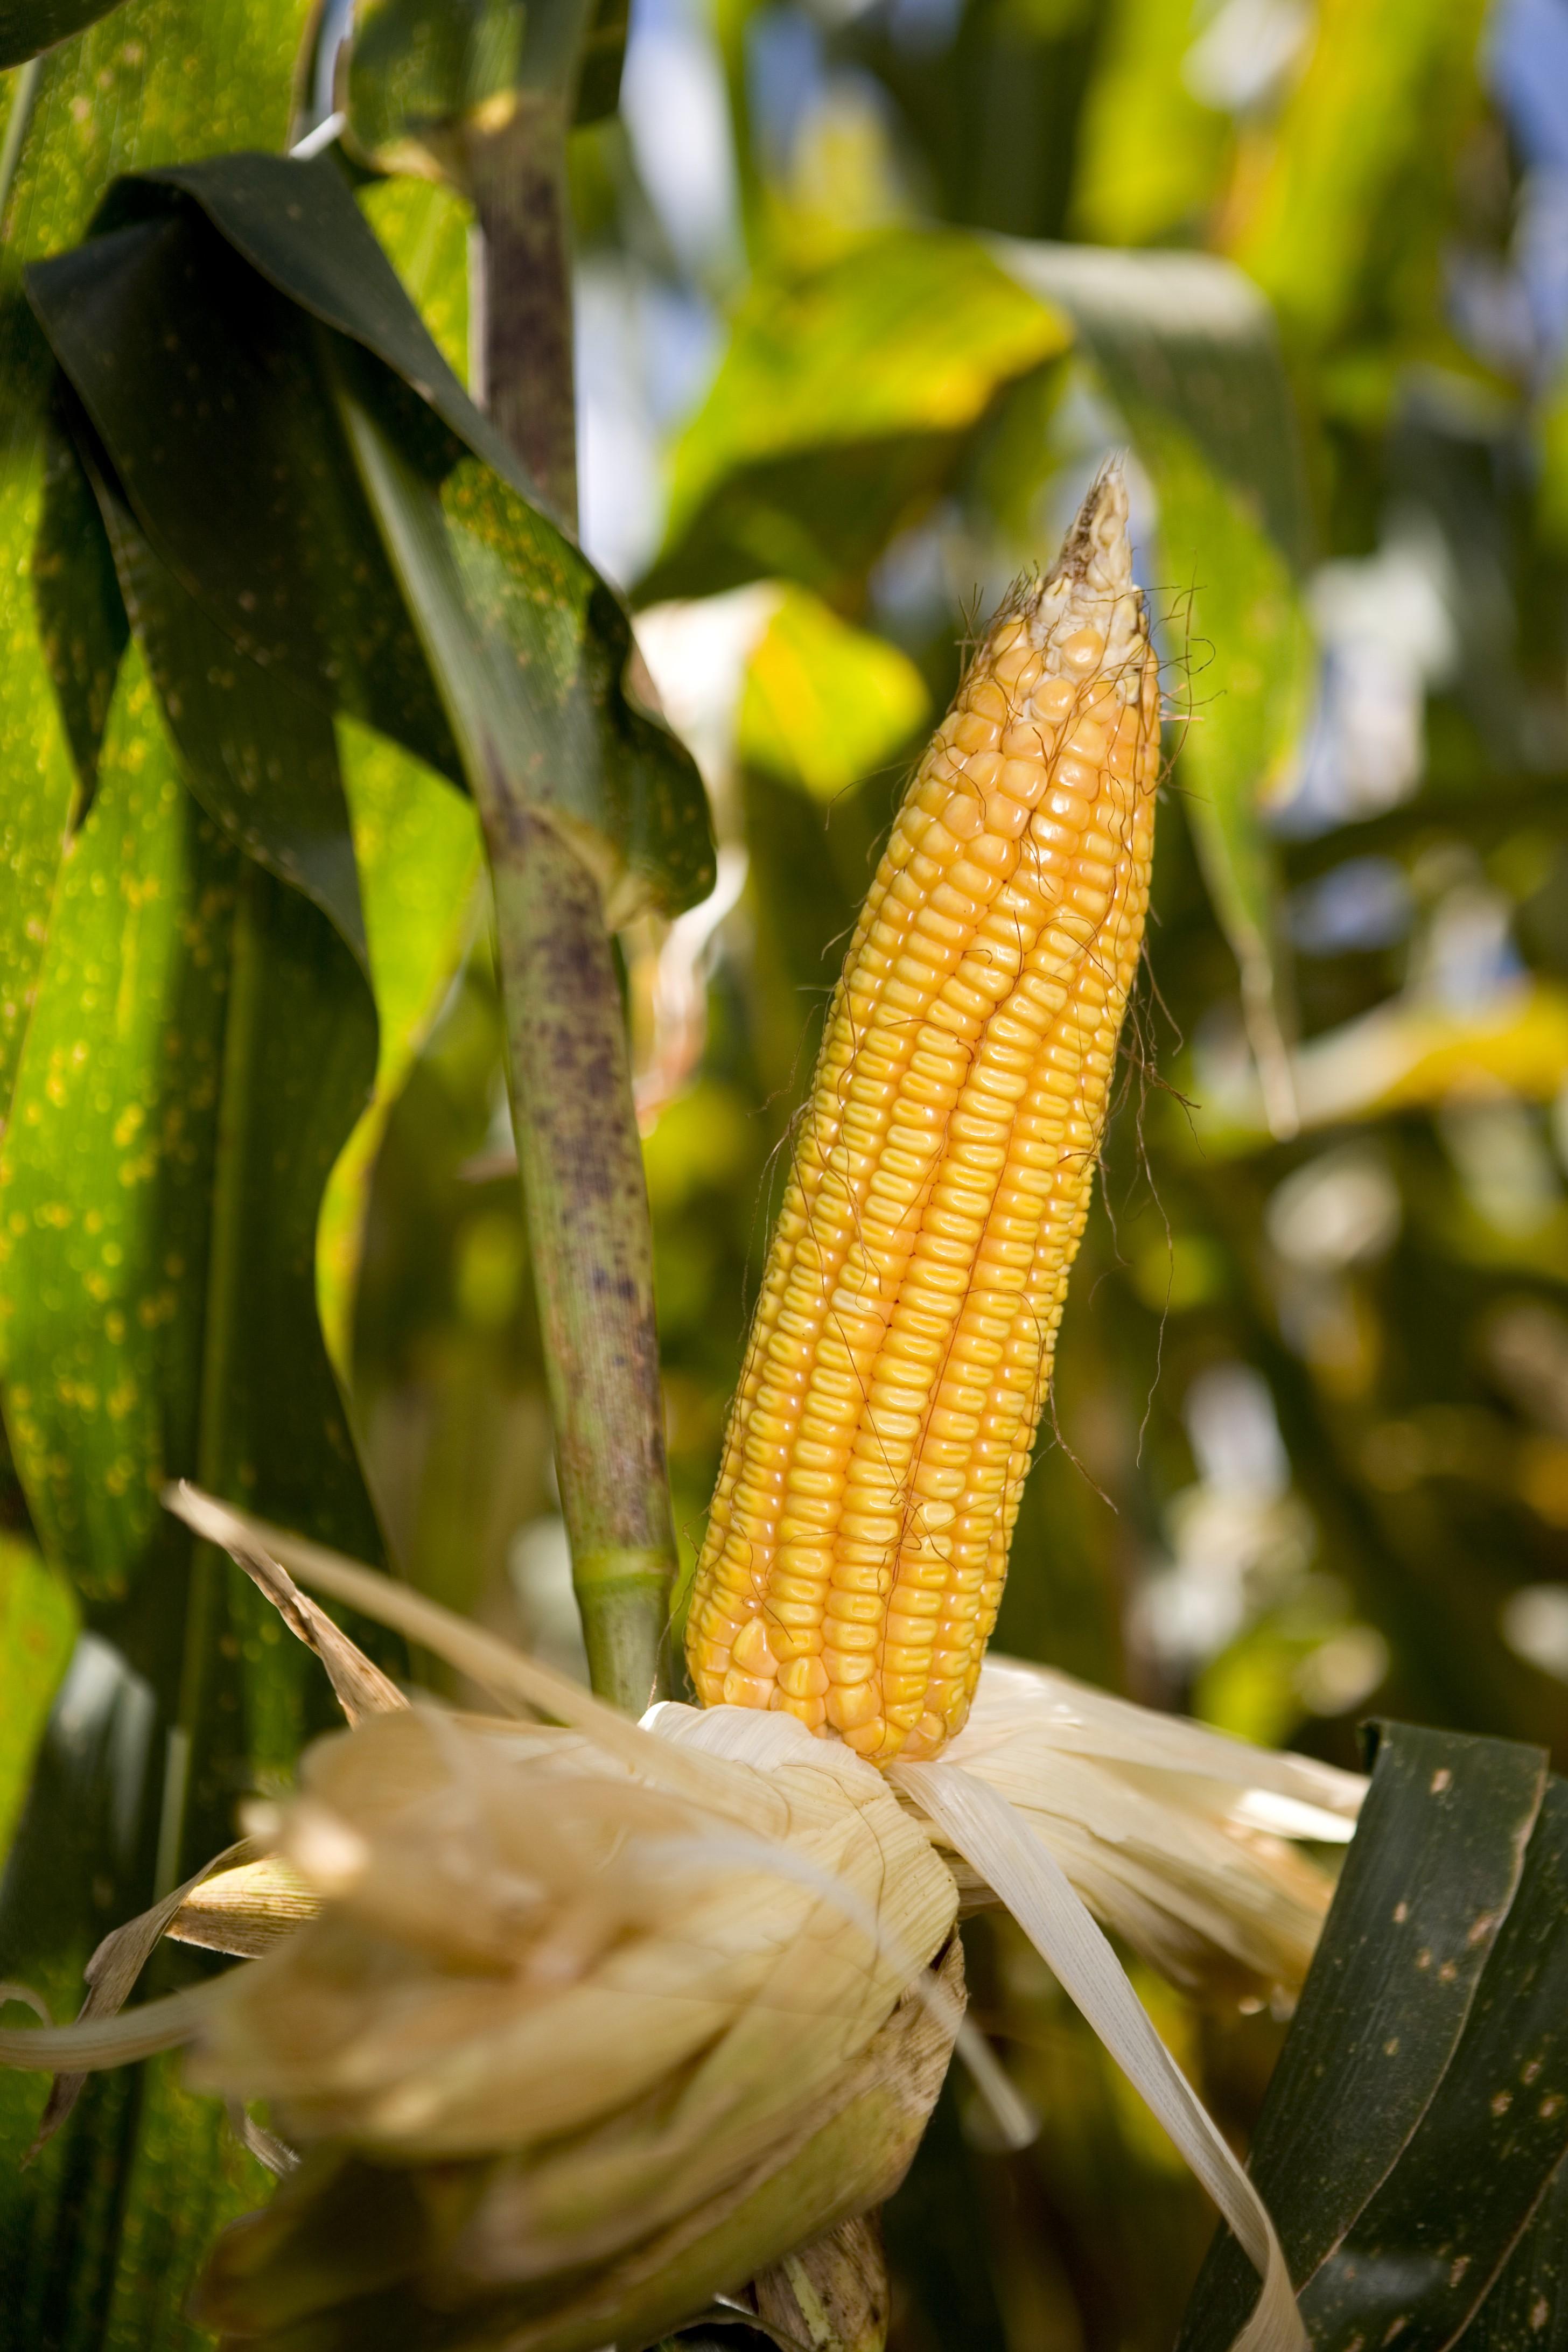 Chuvas provocam perdas em área de produção de milho, diz Cocamar